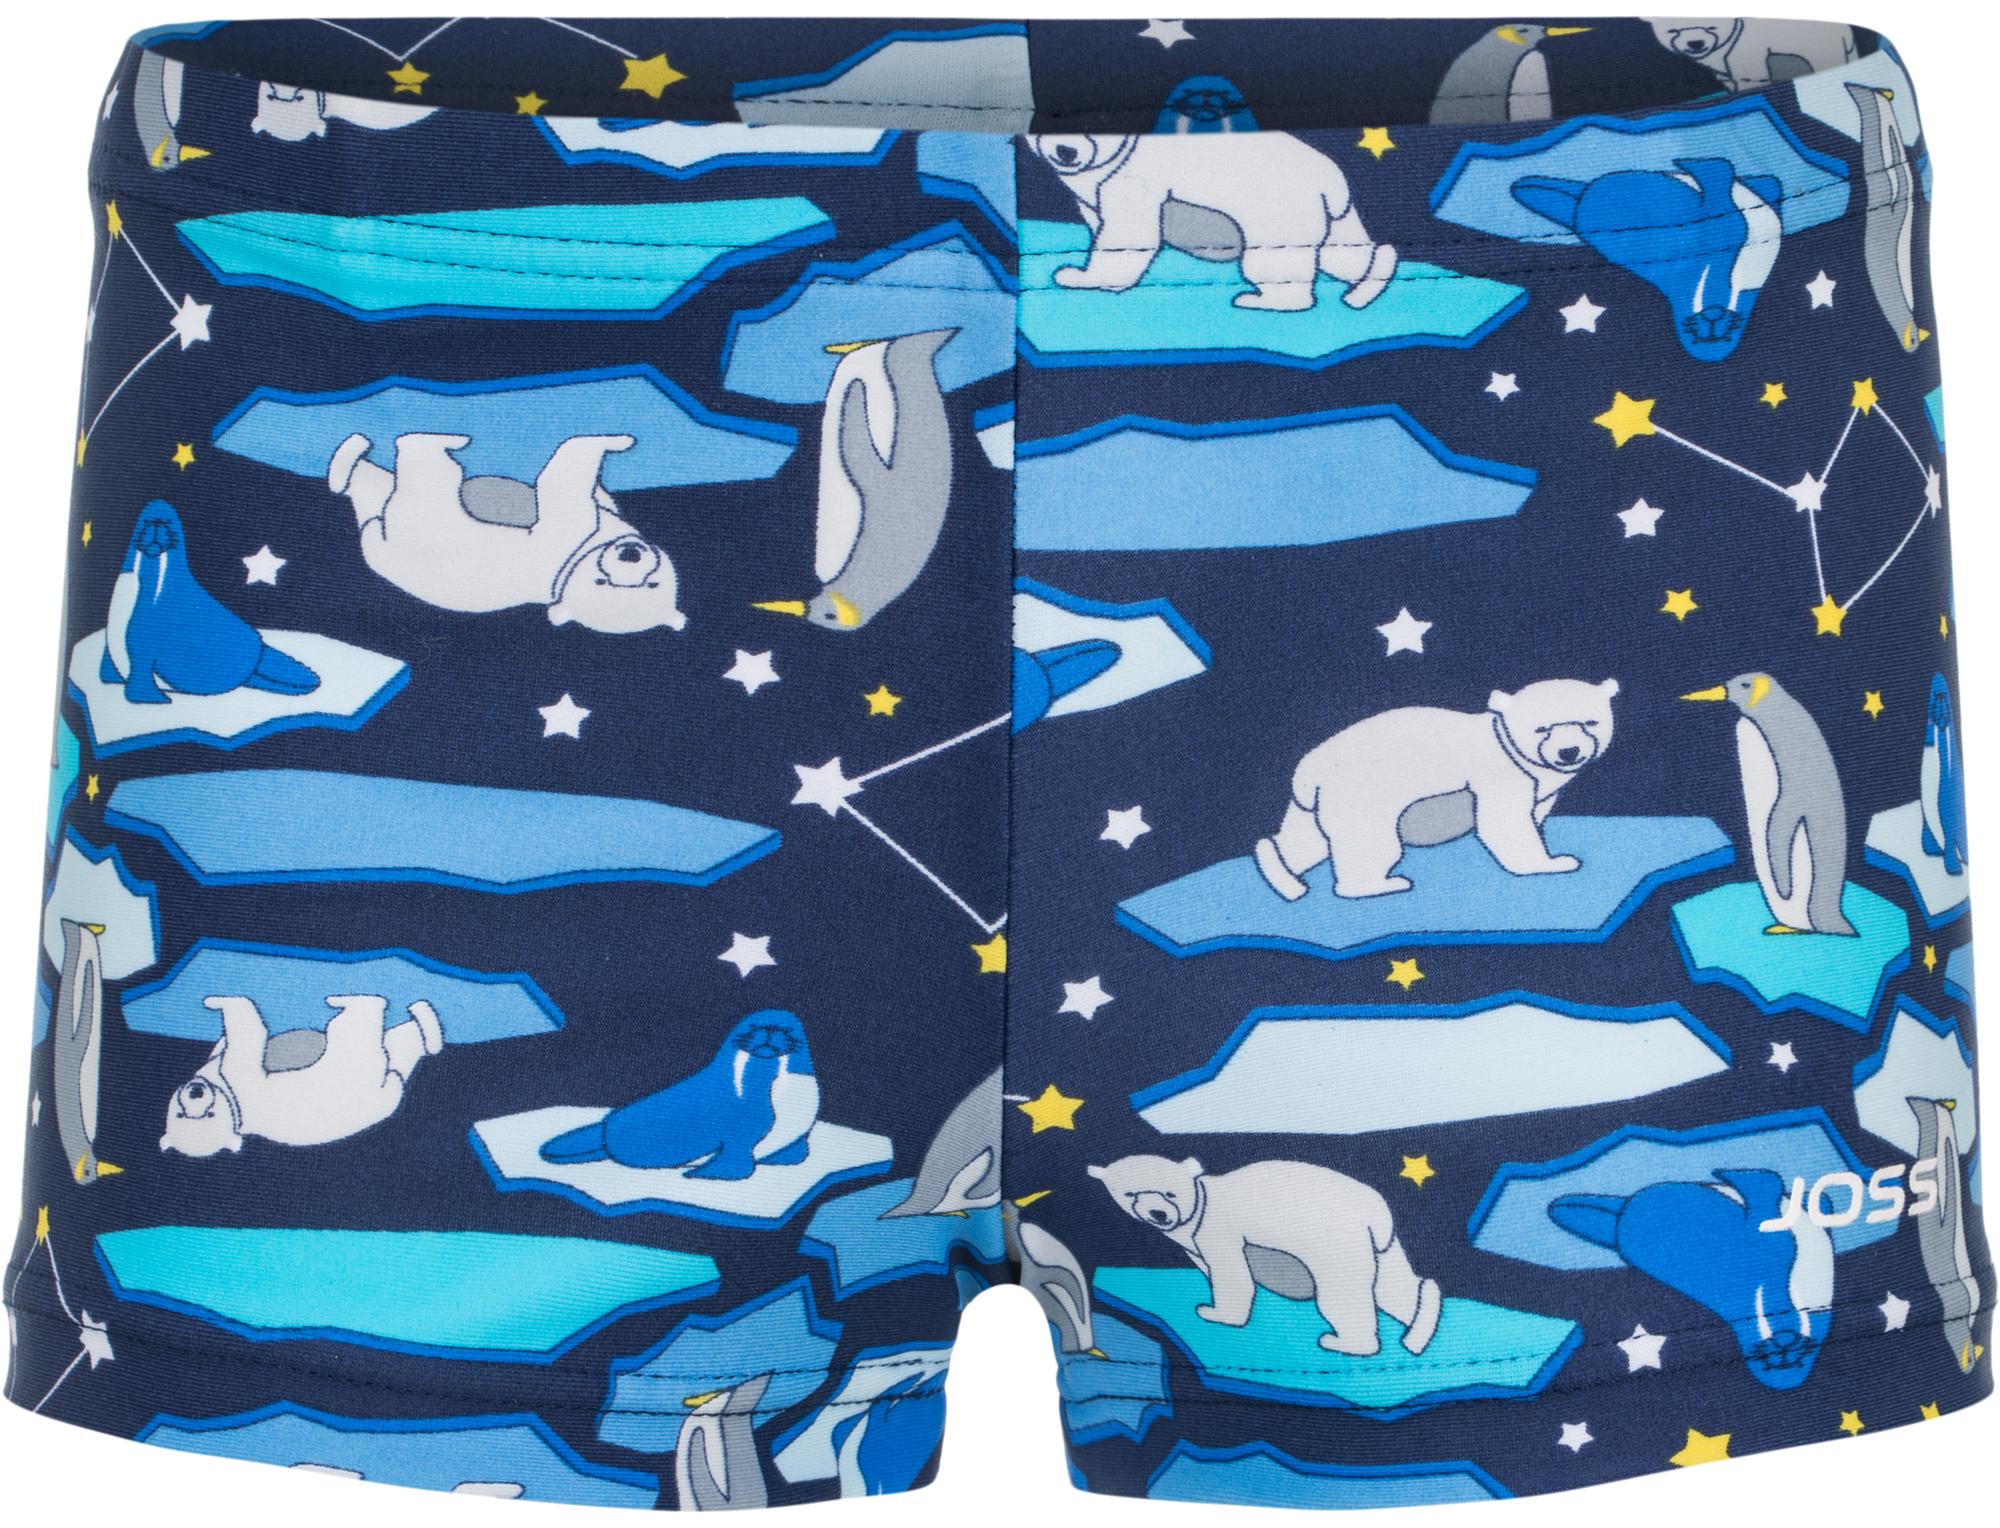 Joss Плавки-шорты для мальчиков Joss панамы детские для мальчиков